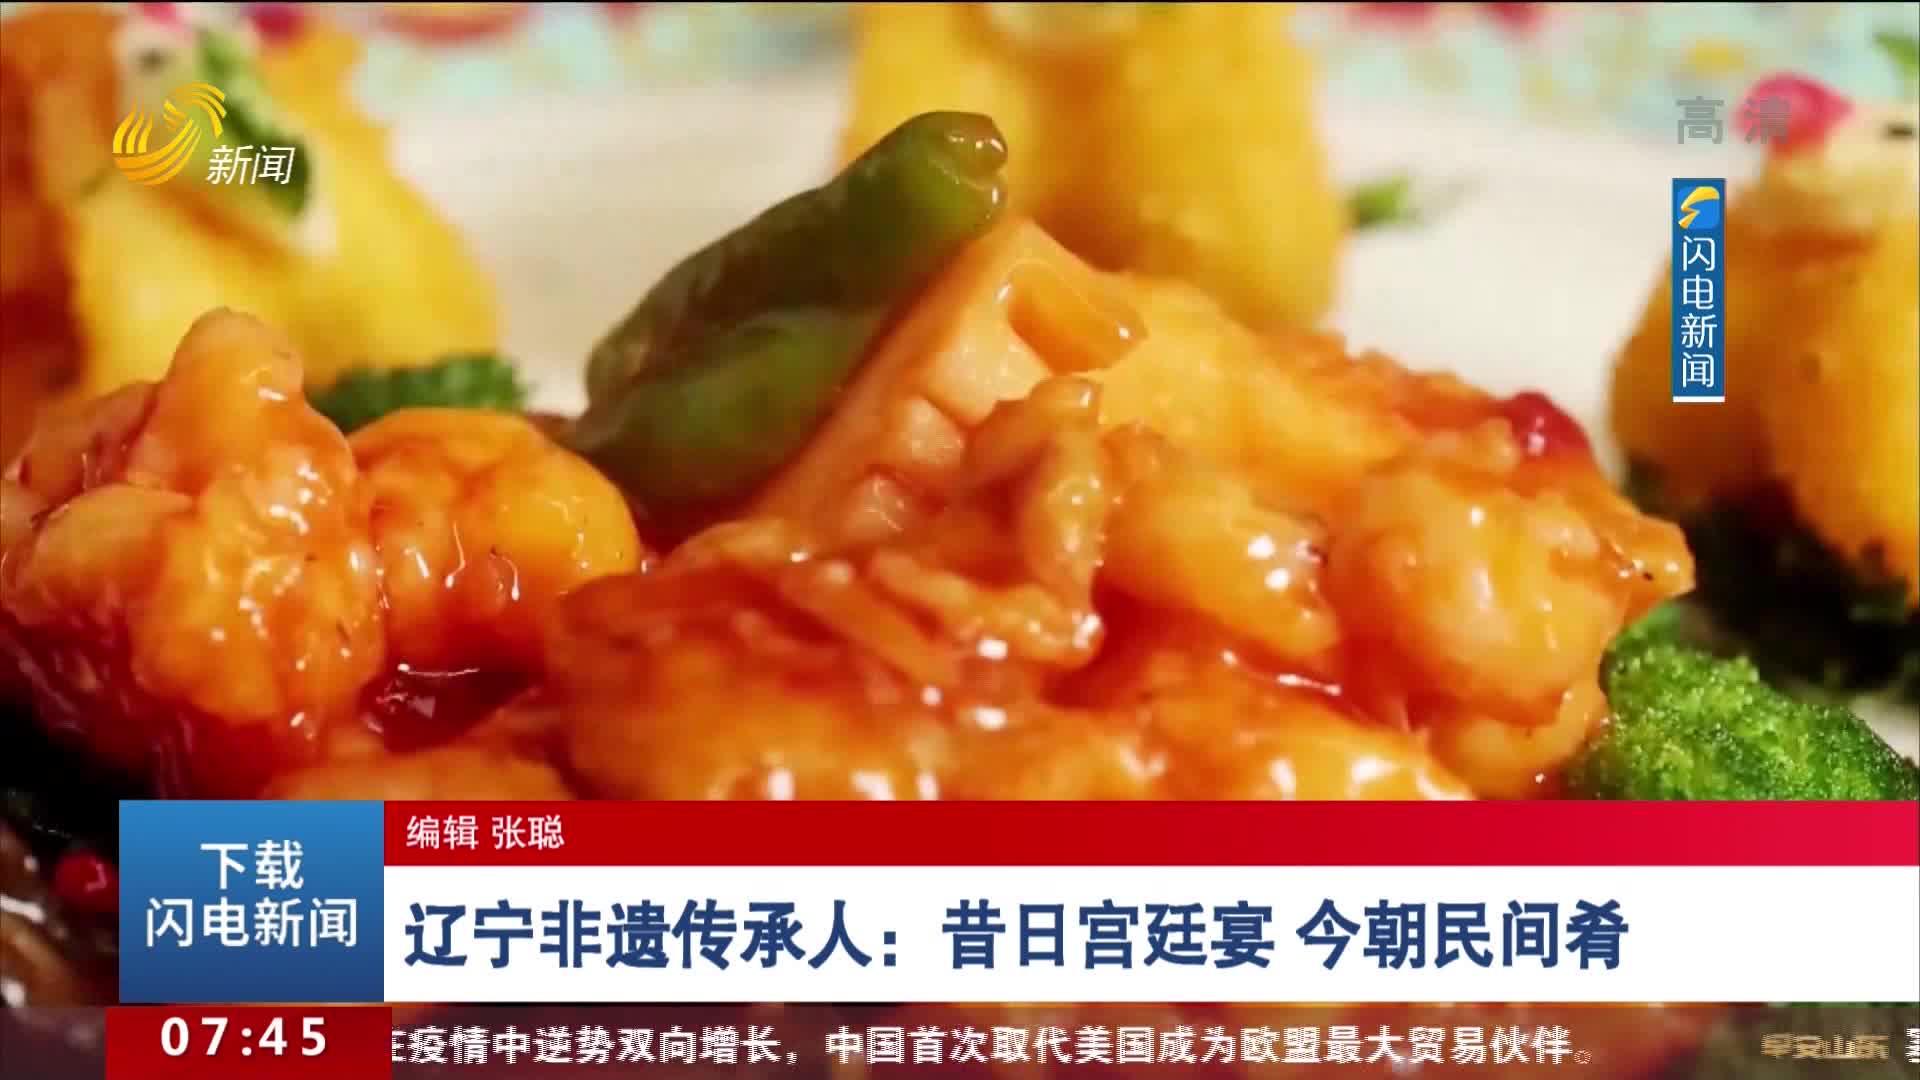 辽宁非遗传承人:昔日宫廷宴 今朝民间肴